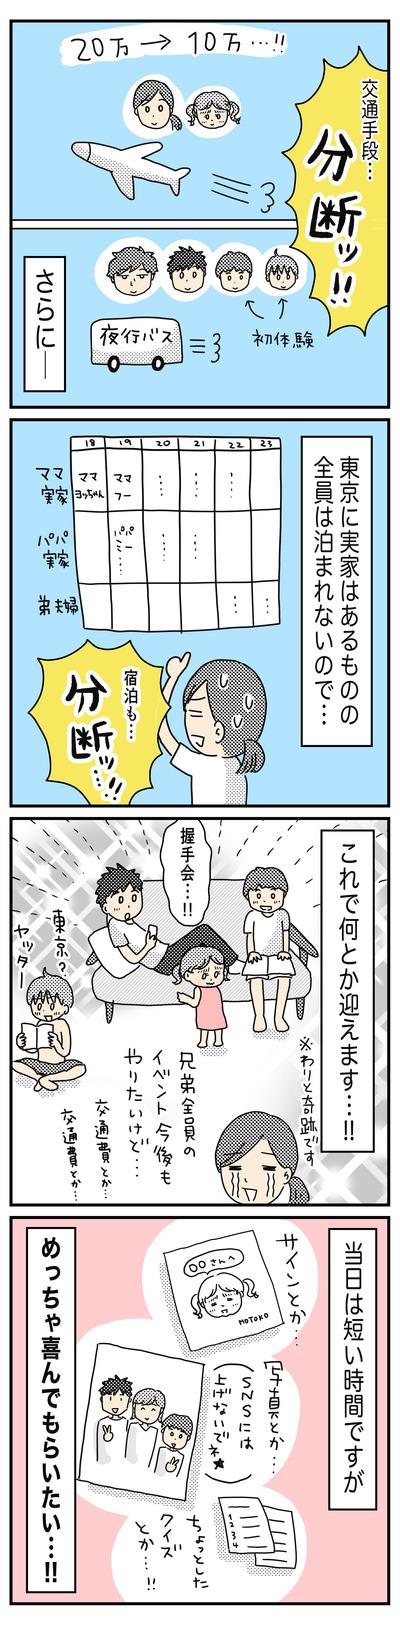 握手会PR2